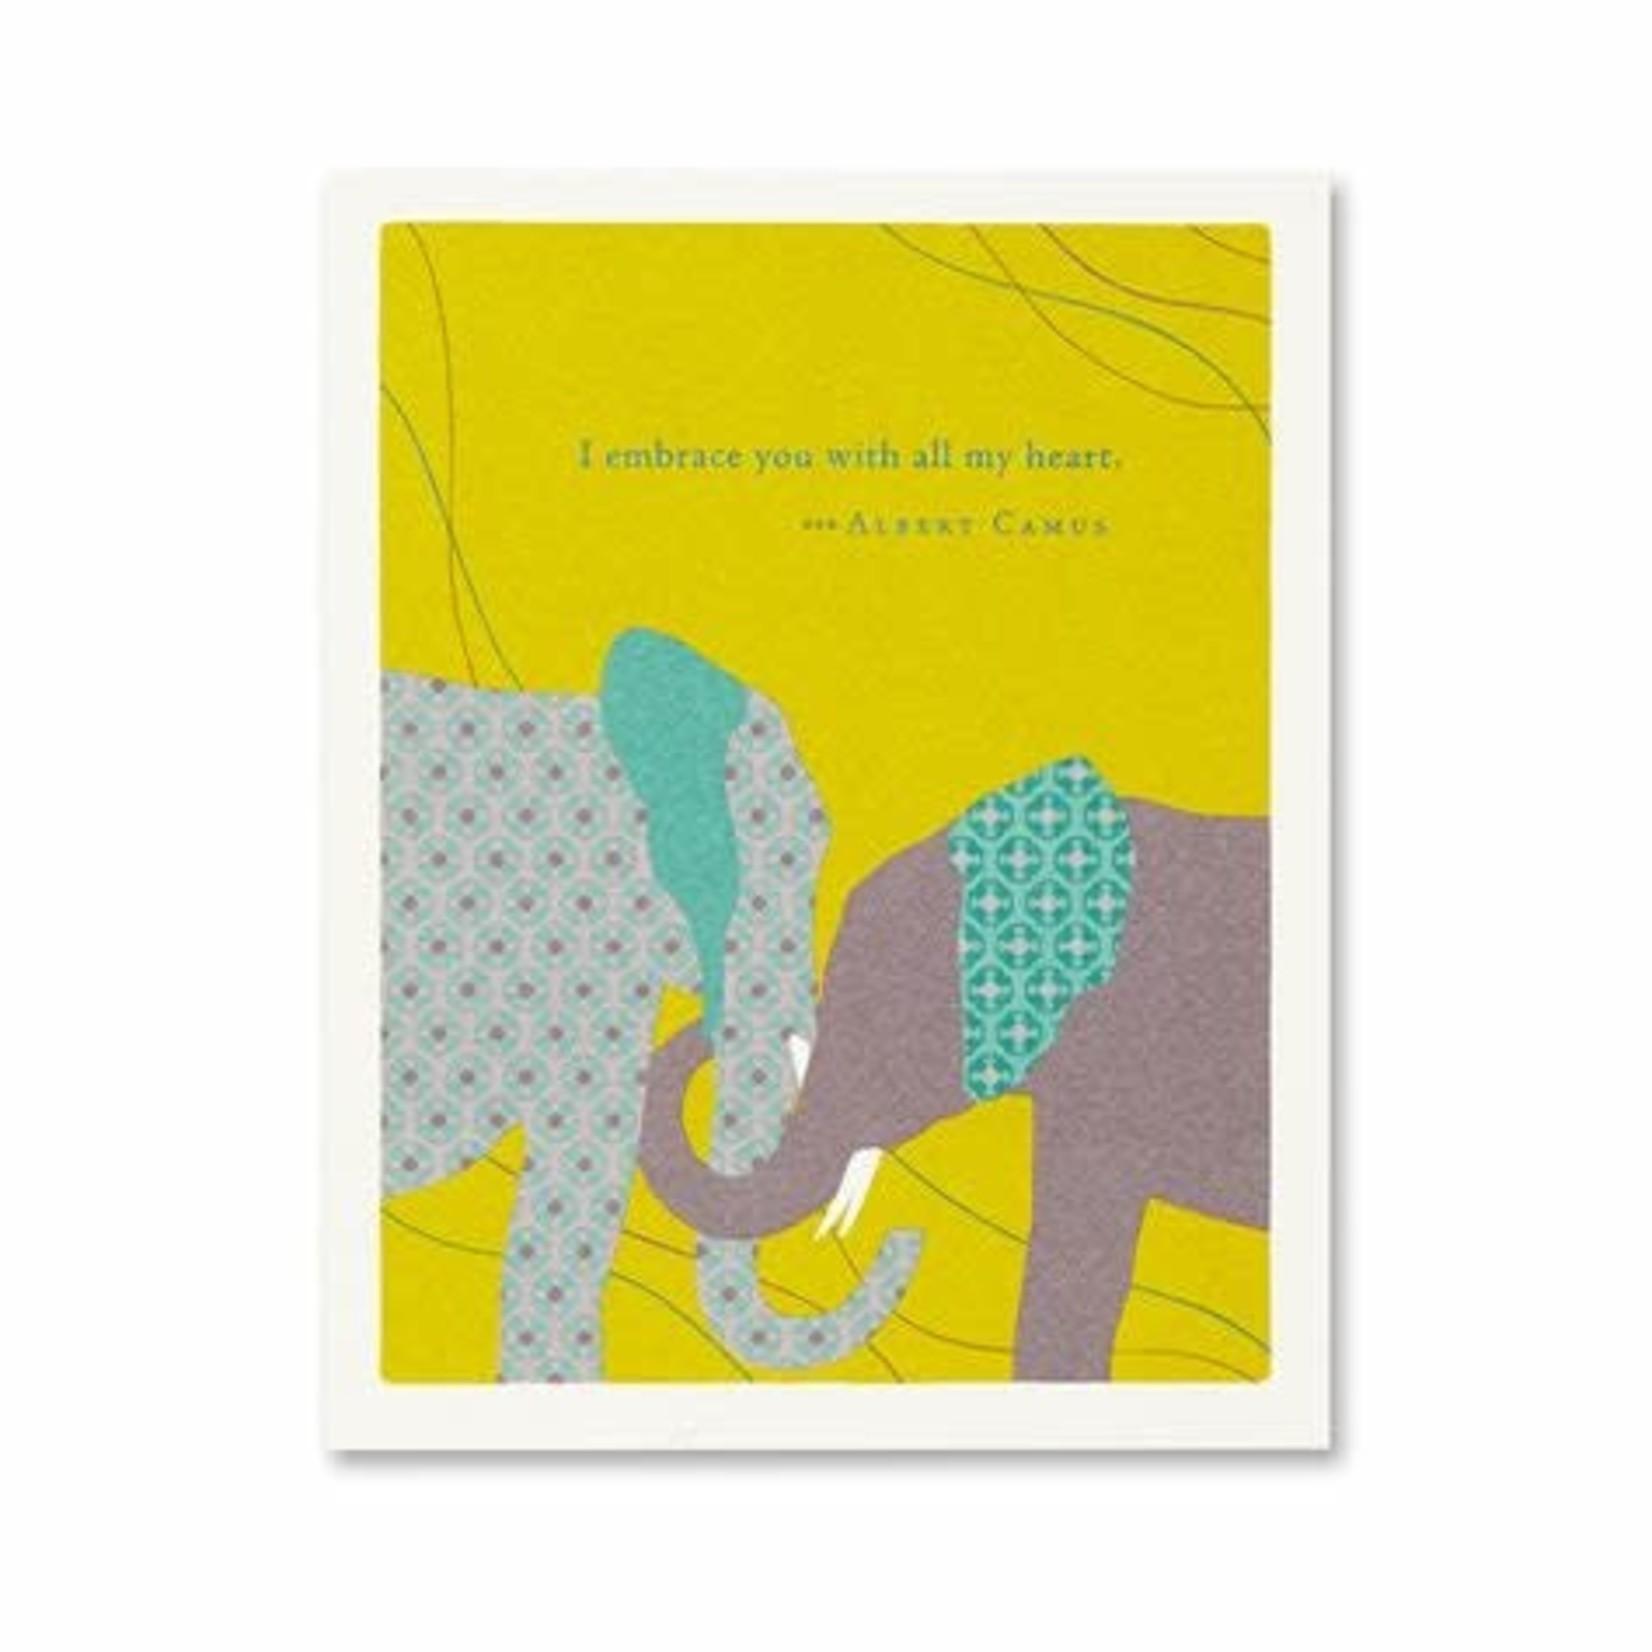 I EMBRACE YOU CARD